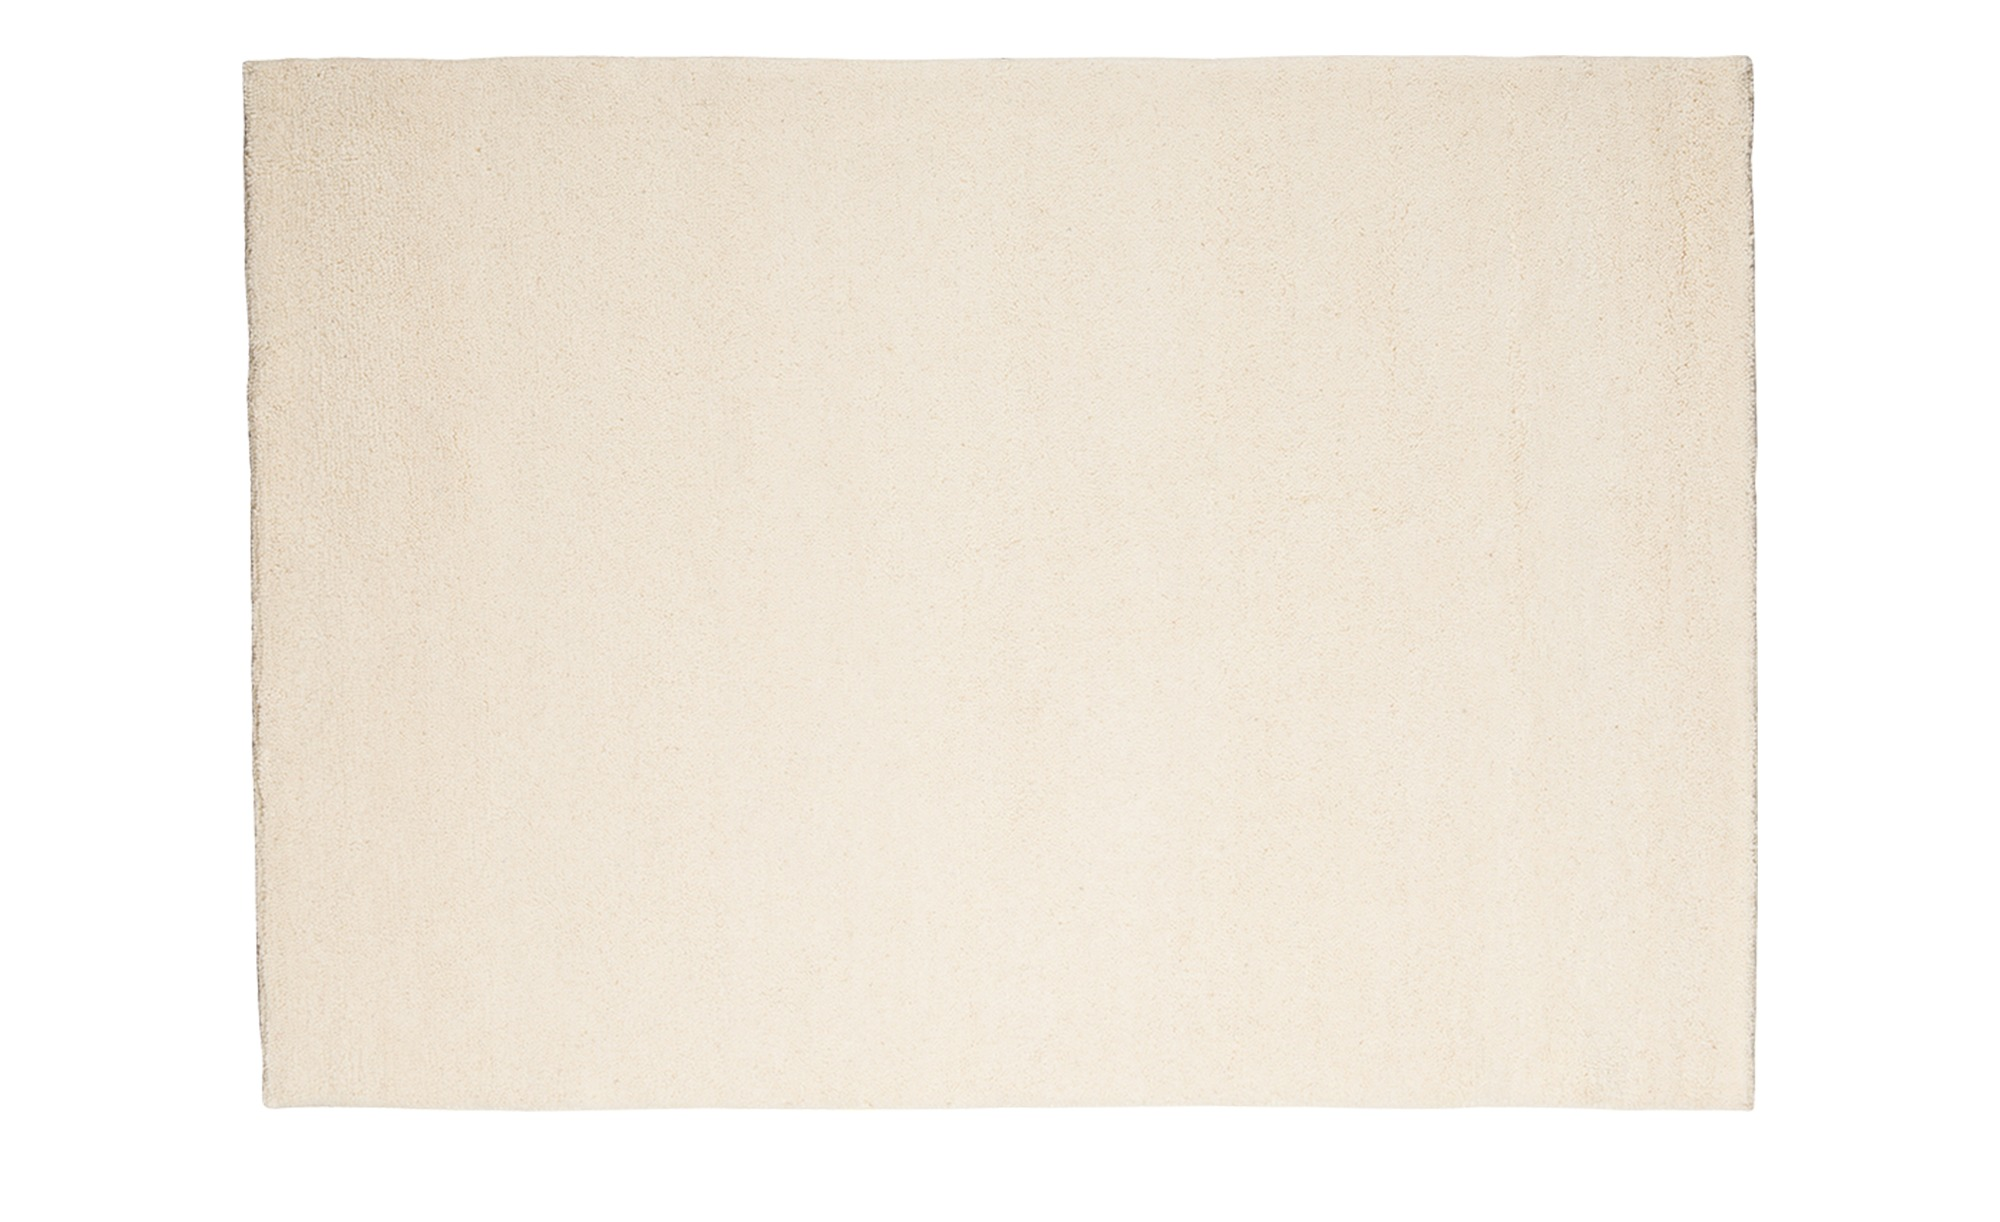 Berber-Teppich  Rabat ¦ creme ¦ reine Wolle, Wolle ¦ Maße (cm): B: 120 Teppiche > Wohnteppiche - Höffner   Heimtextilien > Teppiche > Berberteppiche   Creme   Wolle   Möbel Höffner DE